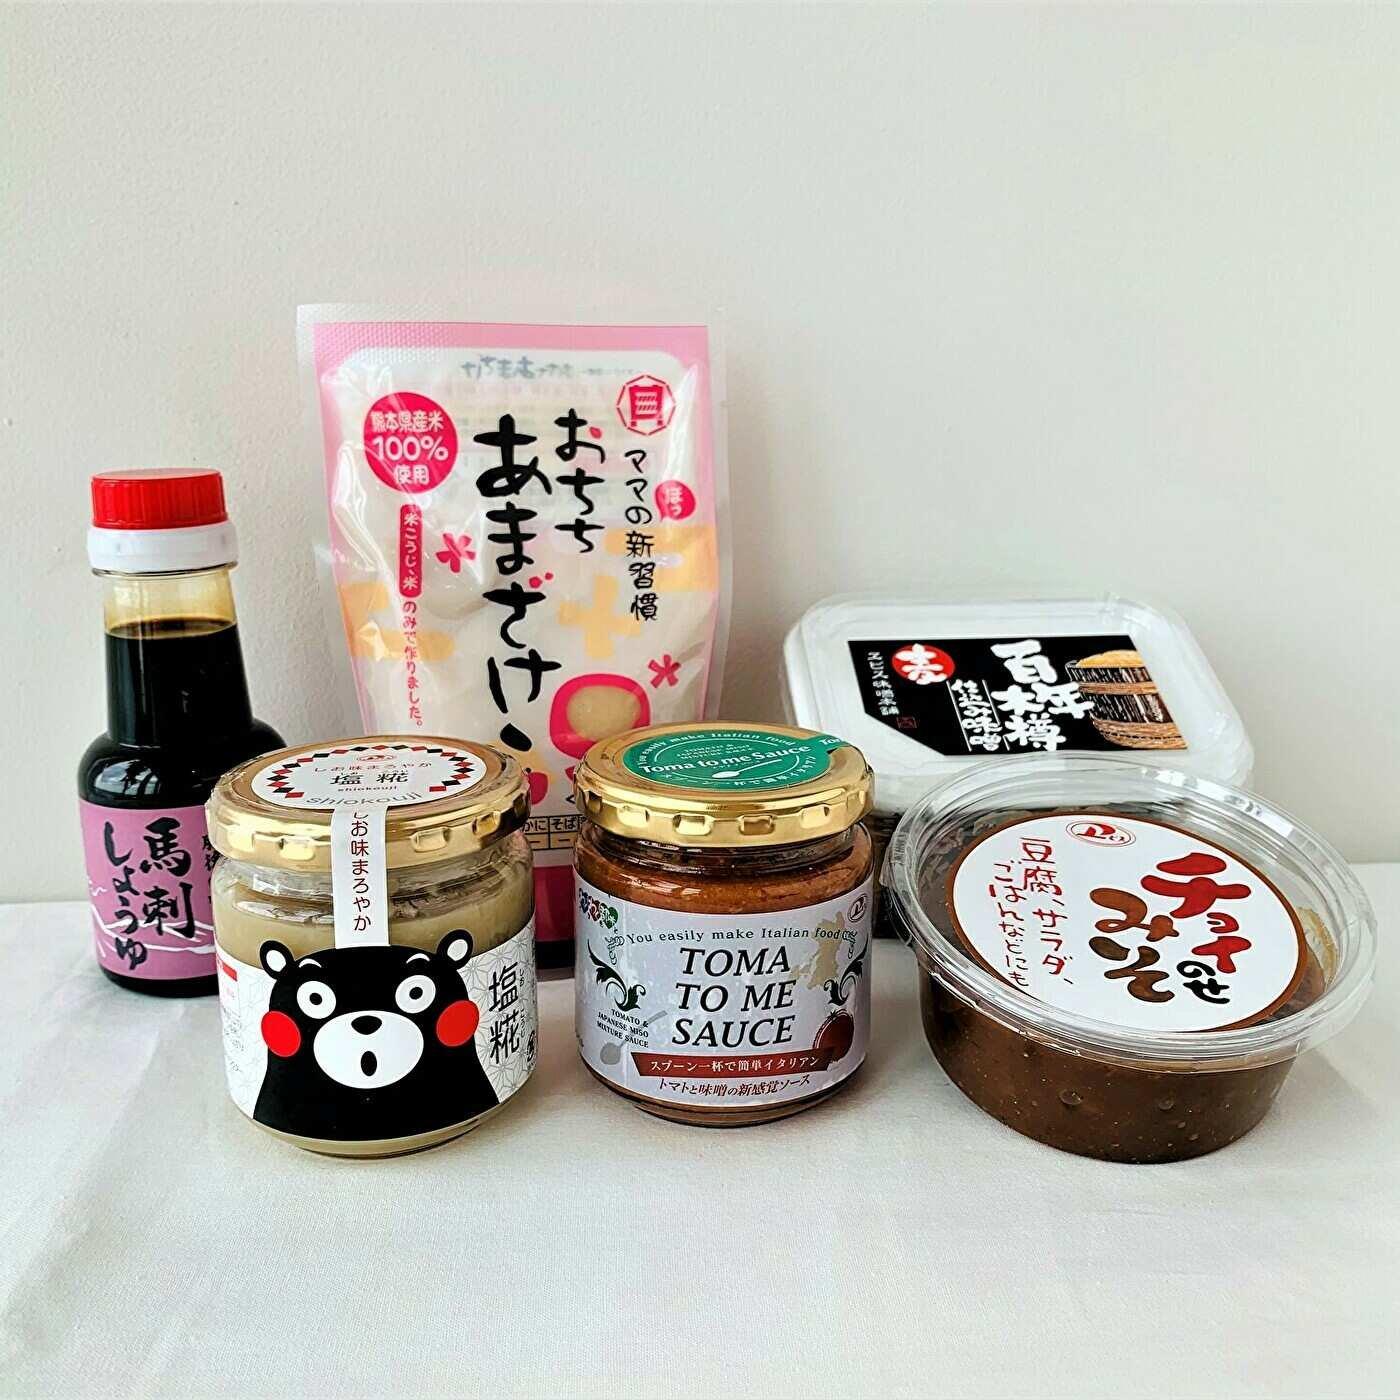 九州熊本貝島商店の郷土色豊かな調味料お試しセット